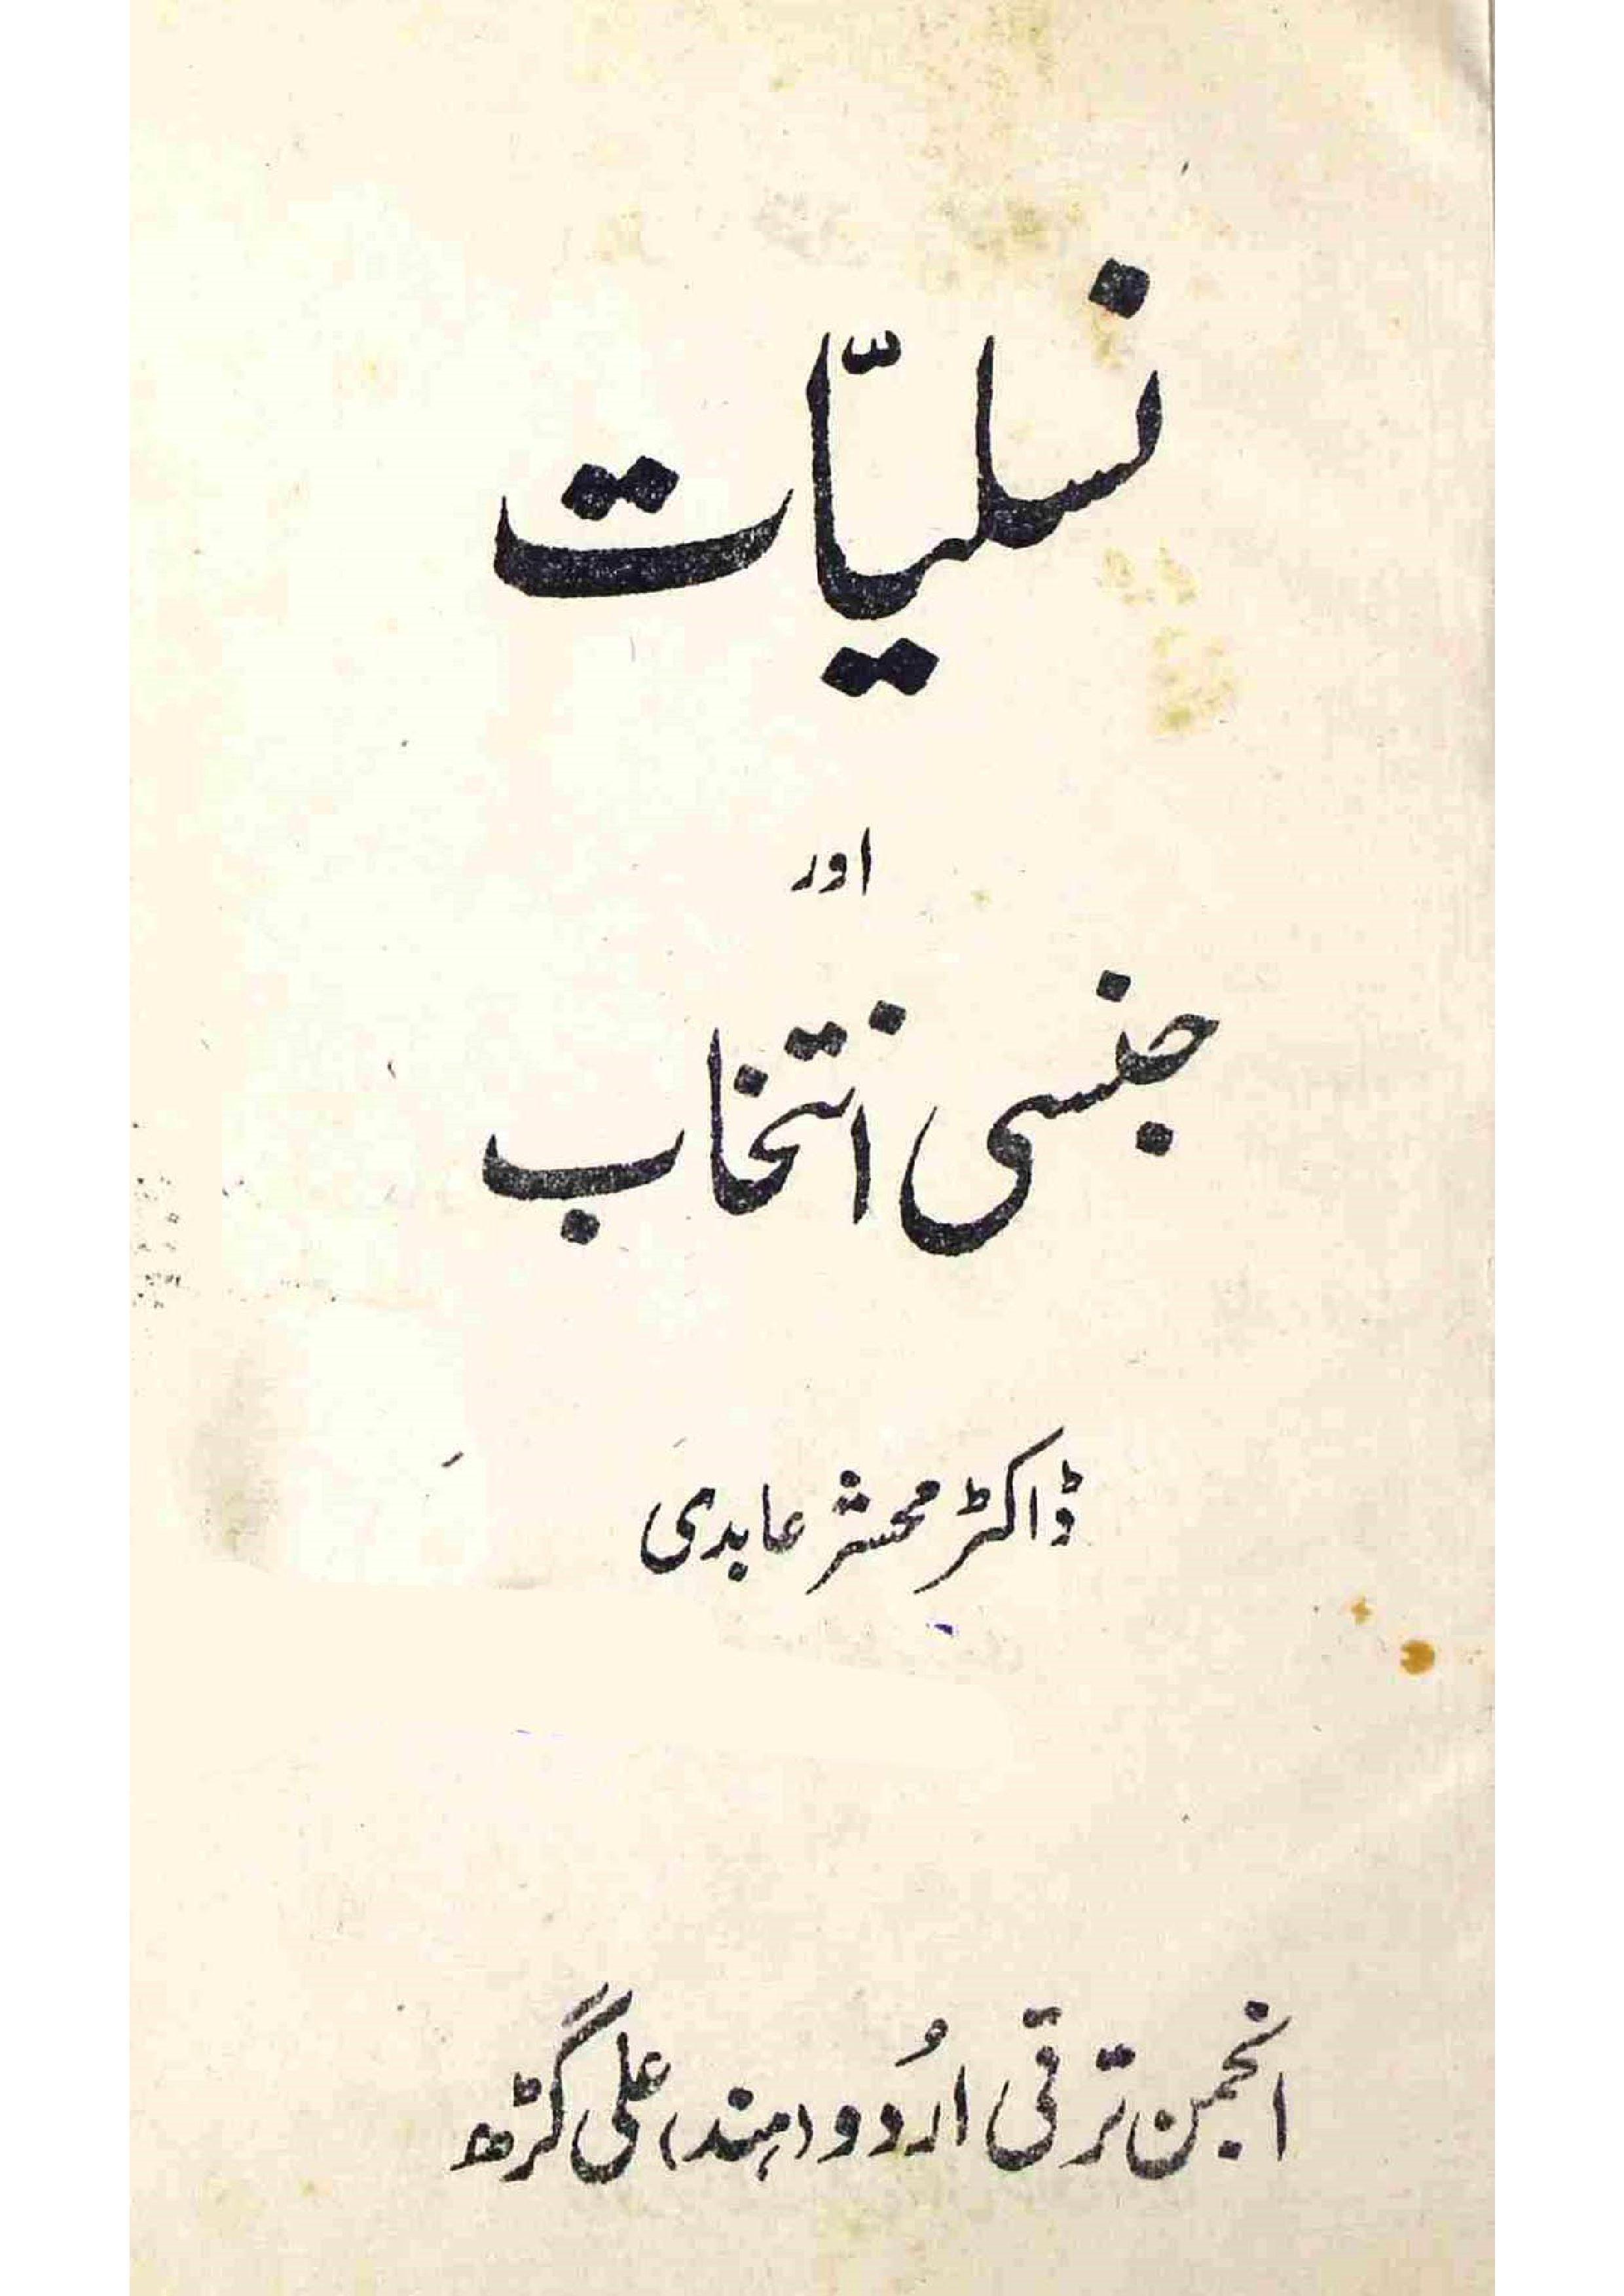 Nasliyyat Aur Jinsi Intikhab